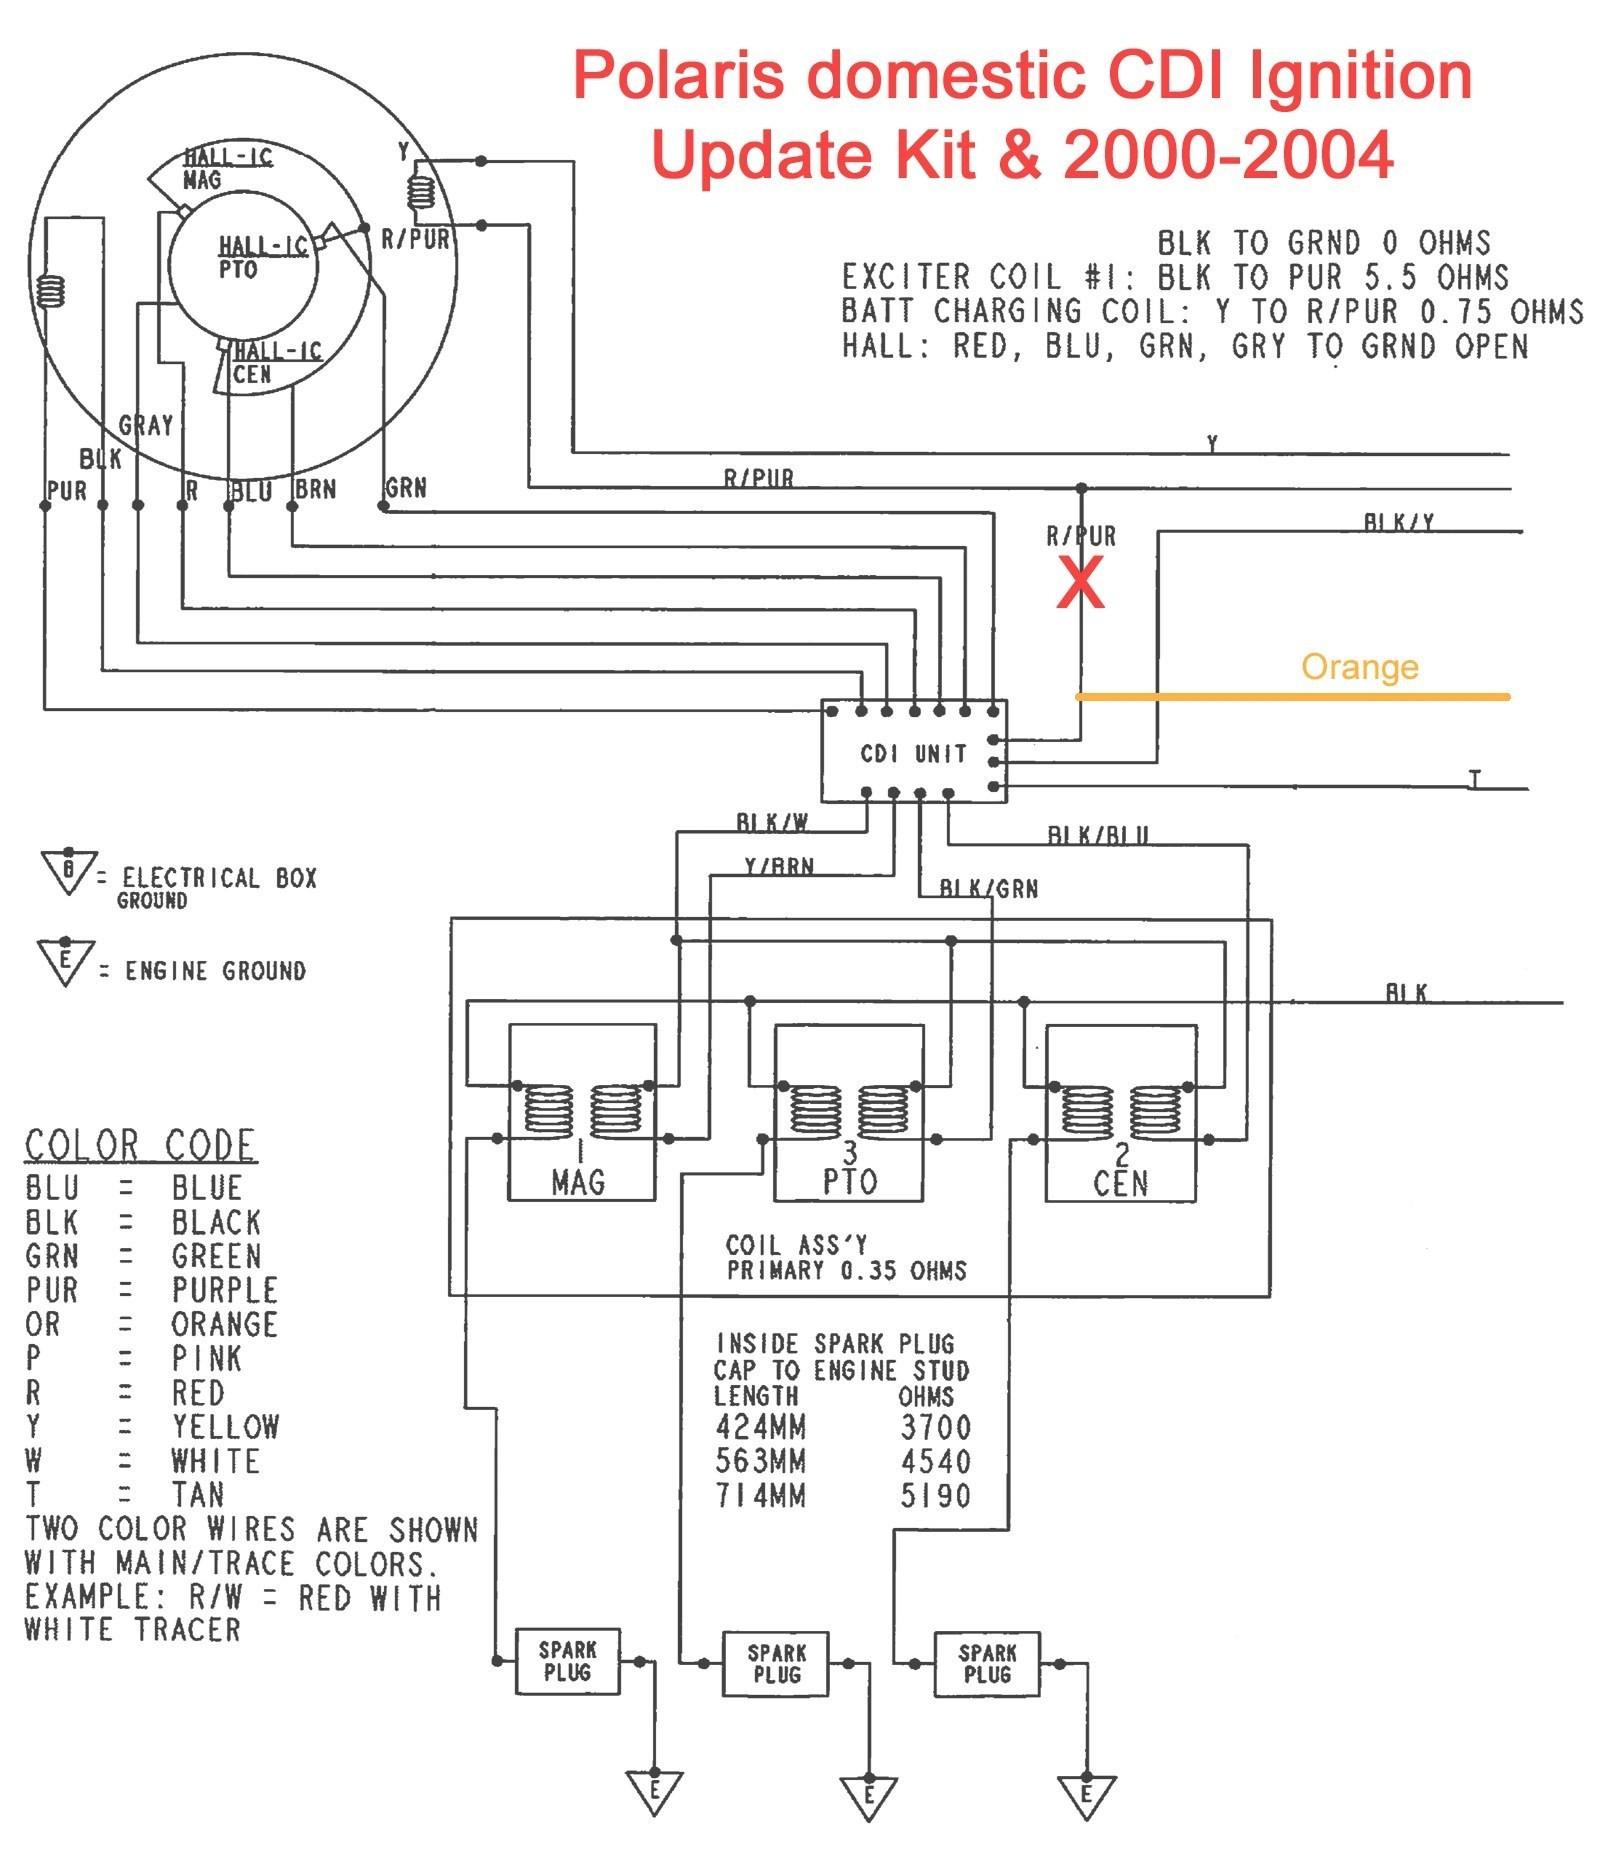 ignition coil wiring diagram for polaris circuit diagram symbols u2022 rh stripgore com